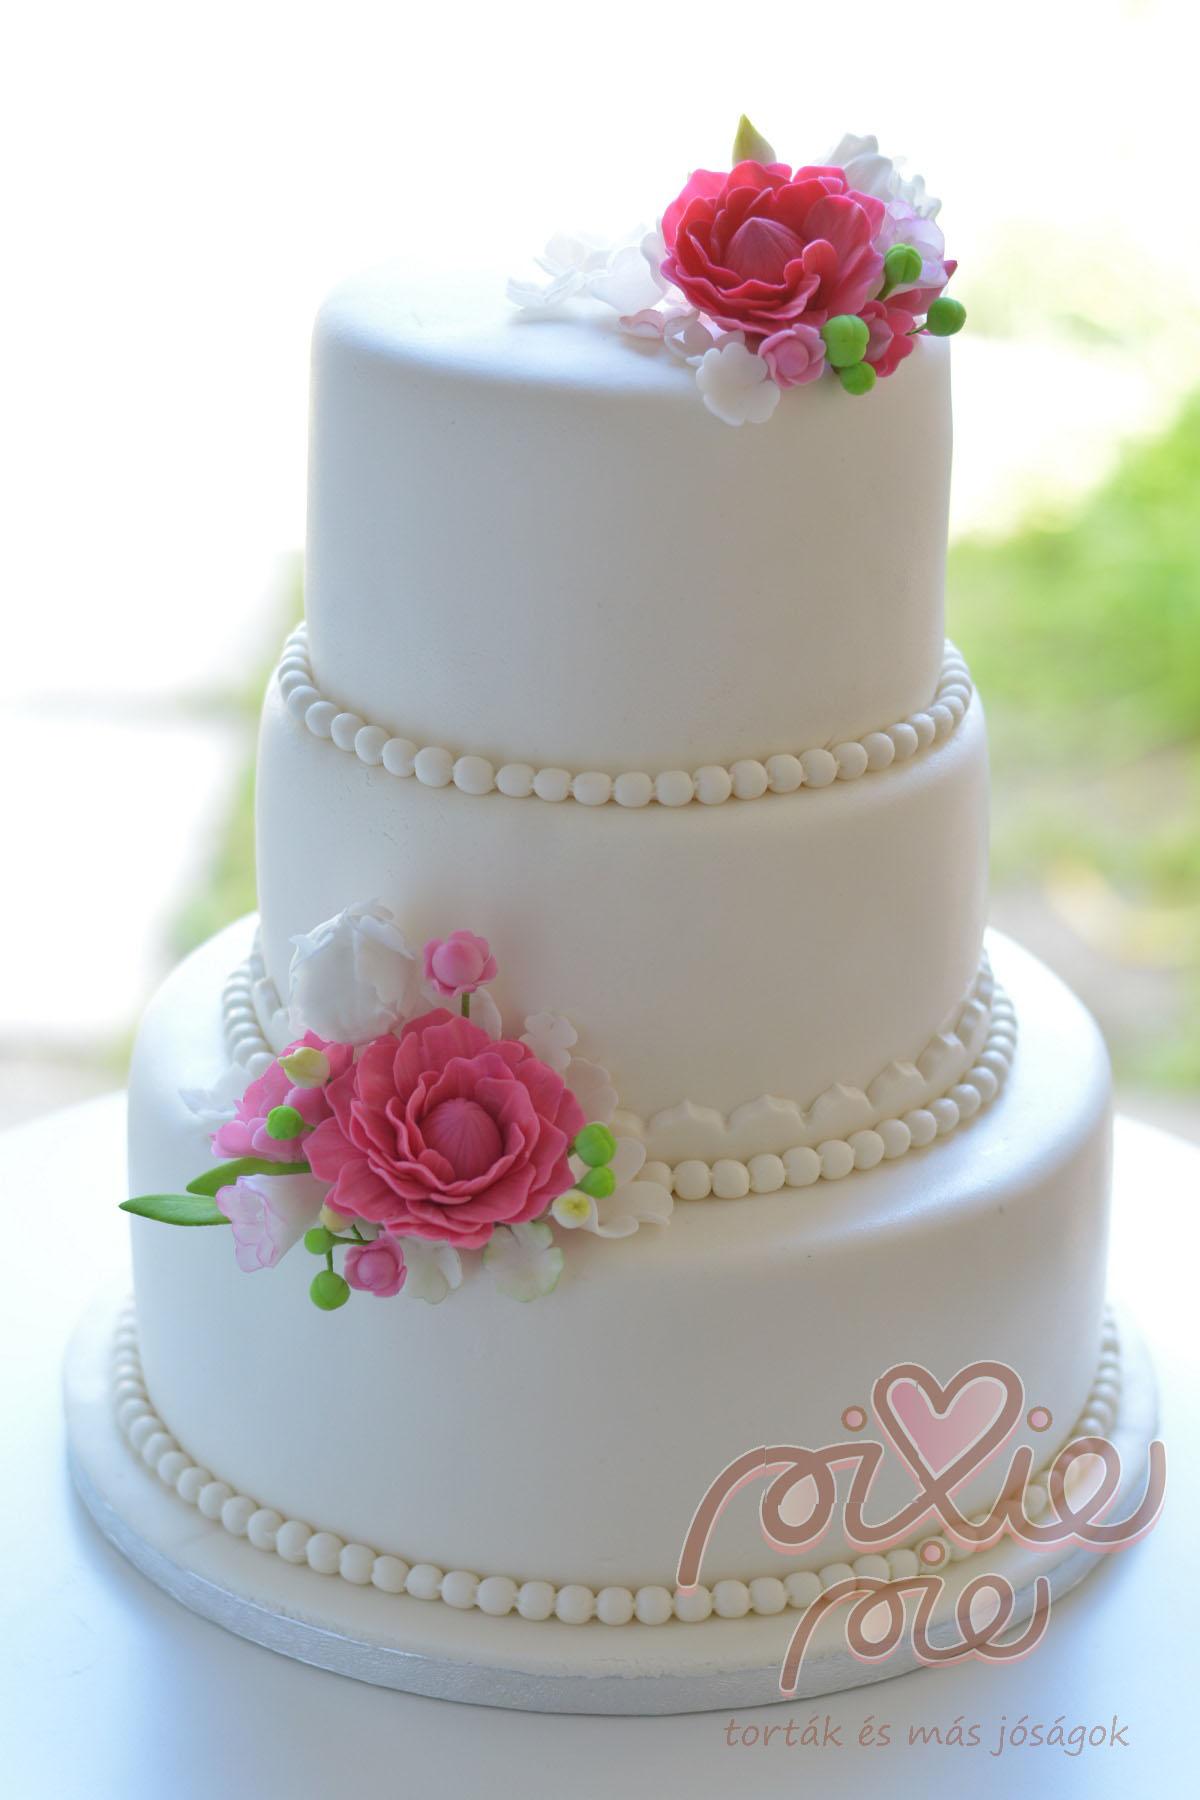 egyszerű esküvői torta Esküvői torta virágos   PixiePie torta egyszerű esküvői torta